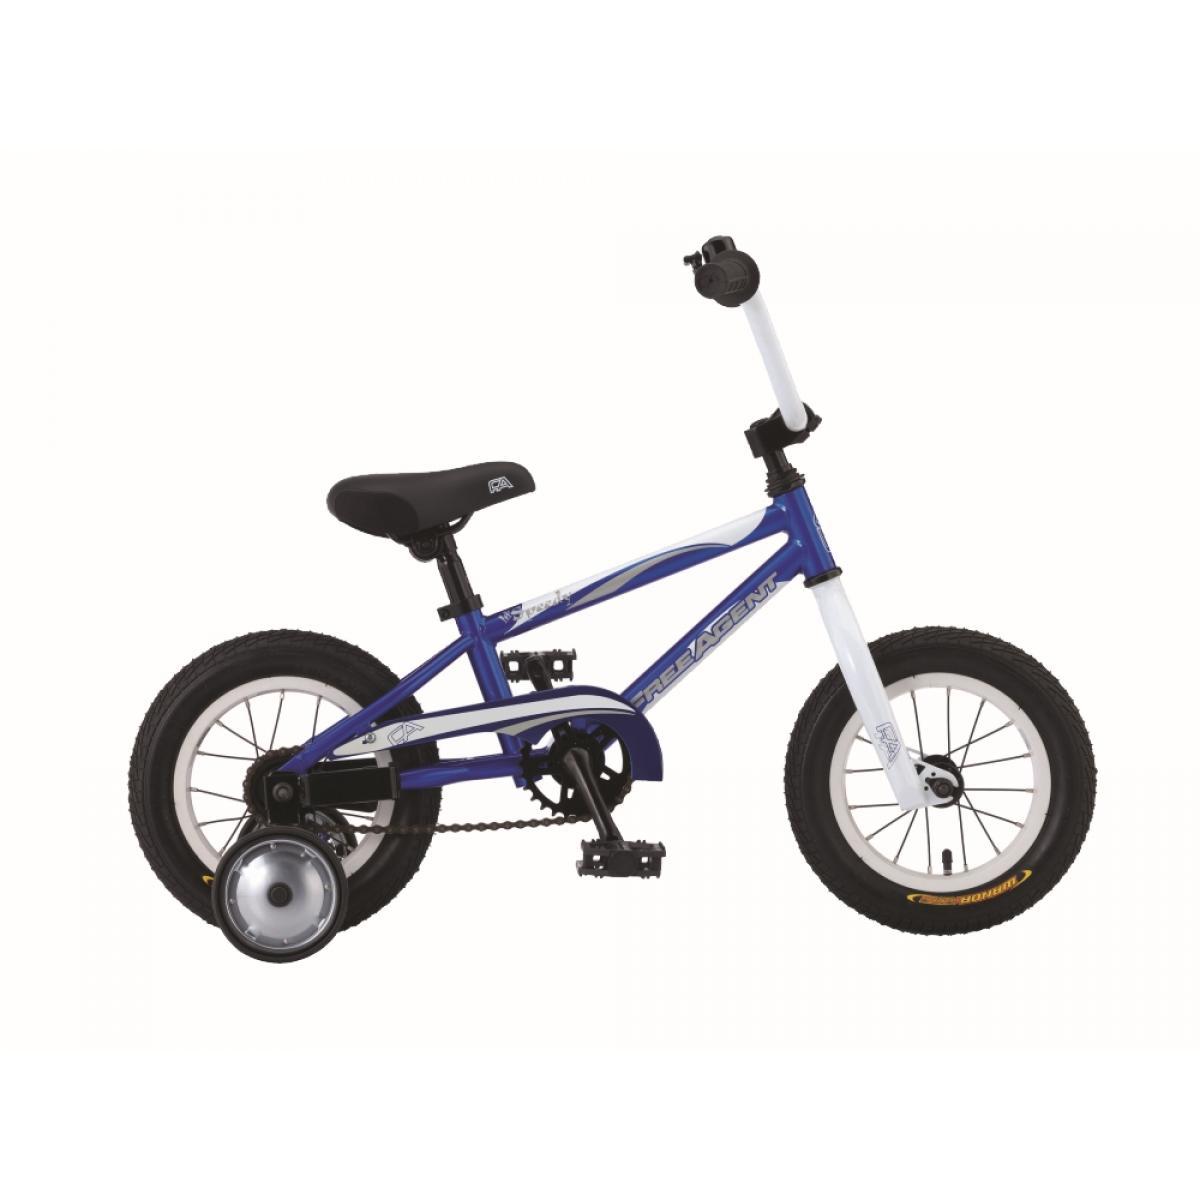 Велосипед детский Freeagent Lil Speedy 2015, цвет: синий, колесо 12213008